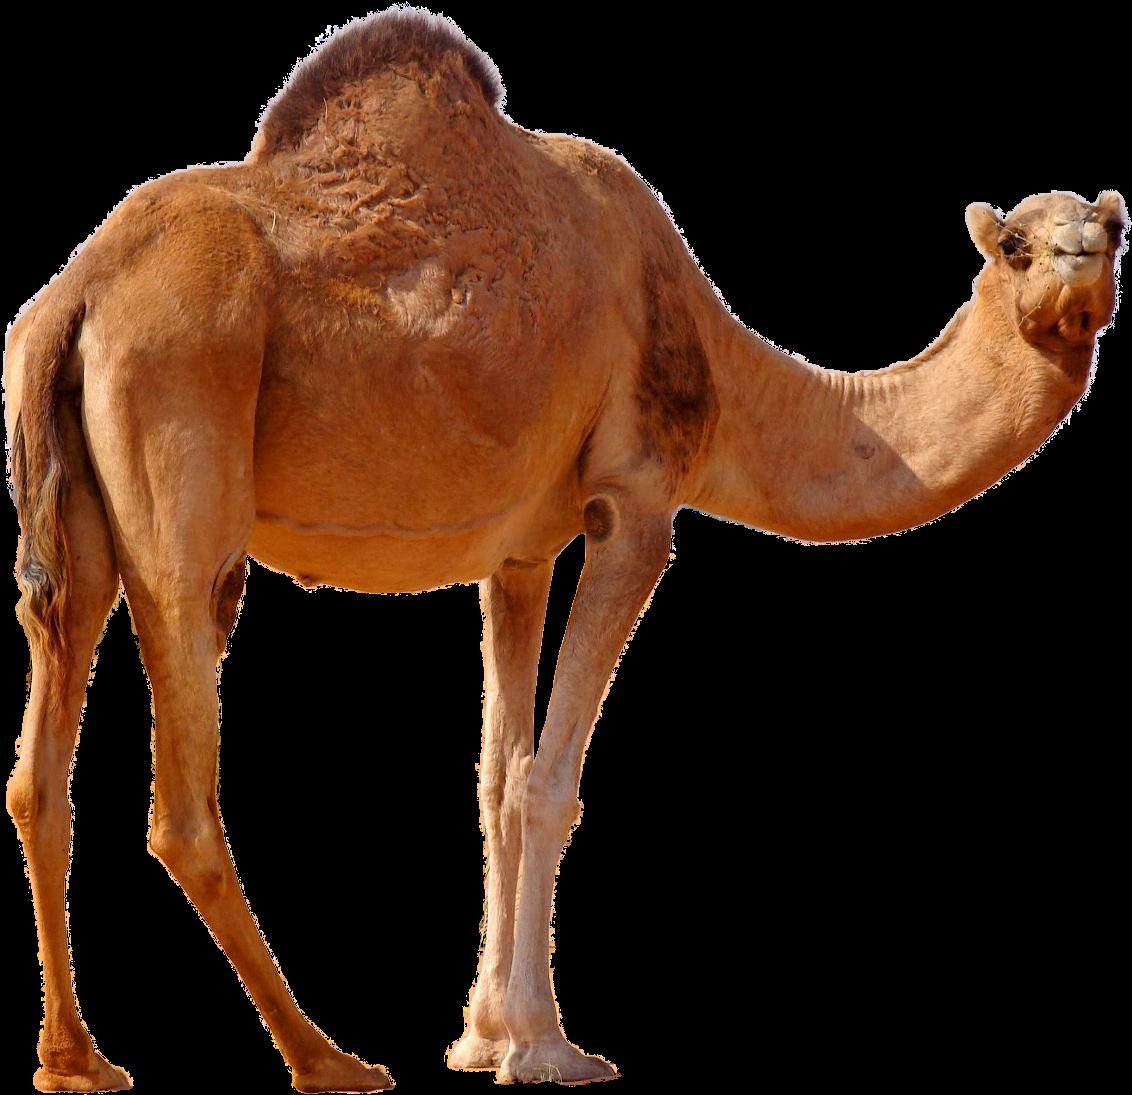 Transparent Camel Clipart - Transparent Camel Png, Png Download - vhv